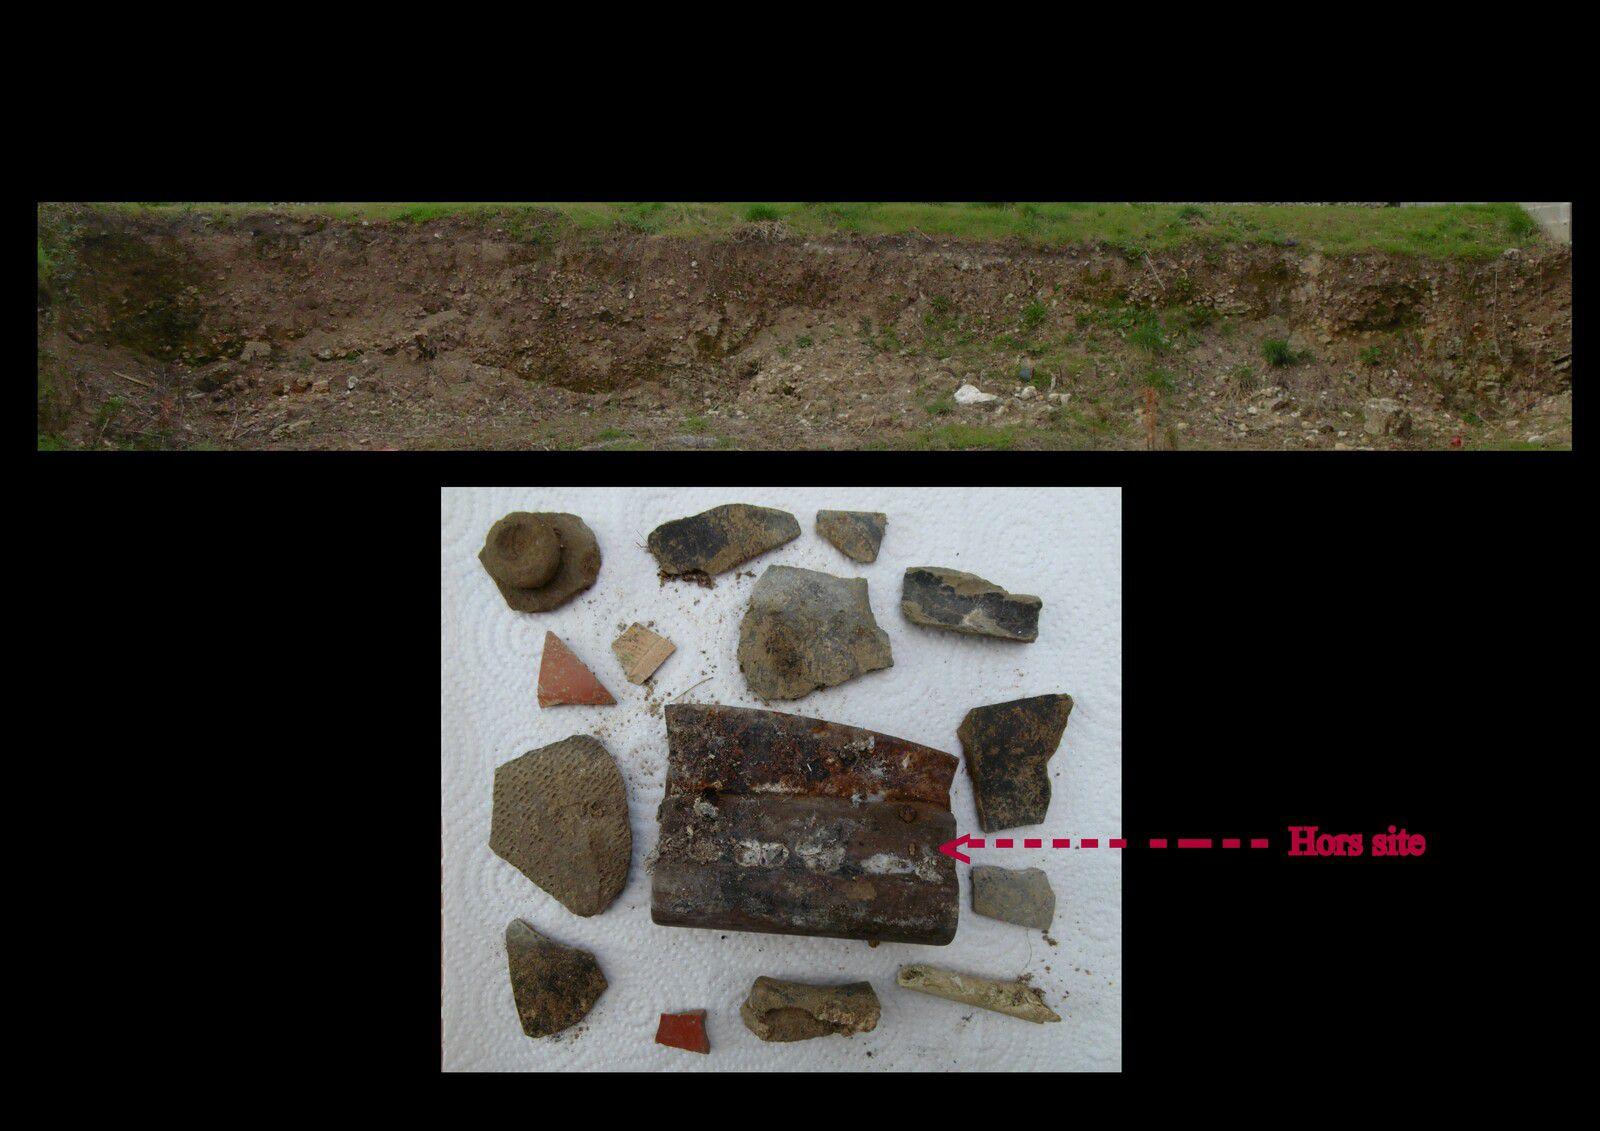 A Saintes, alors que les archéologues sont partis, des mois après la terre descend des strates et témoigne à nouveau...